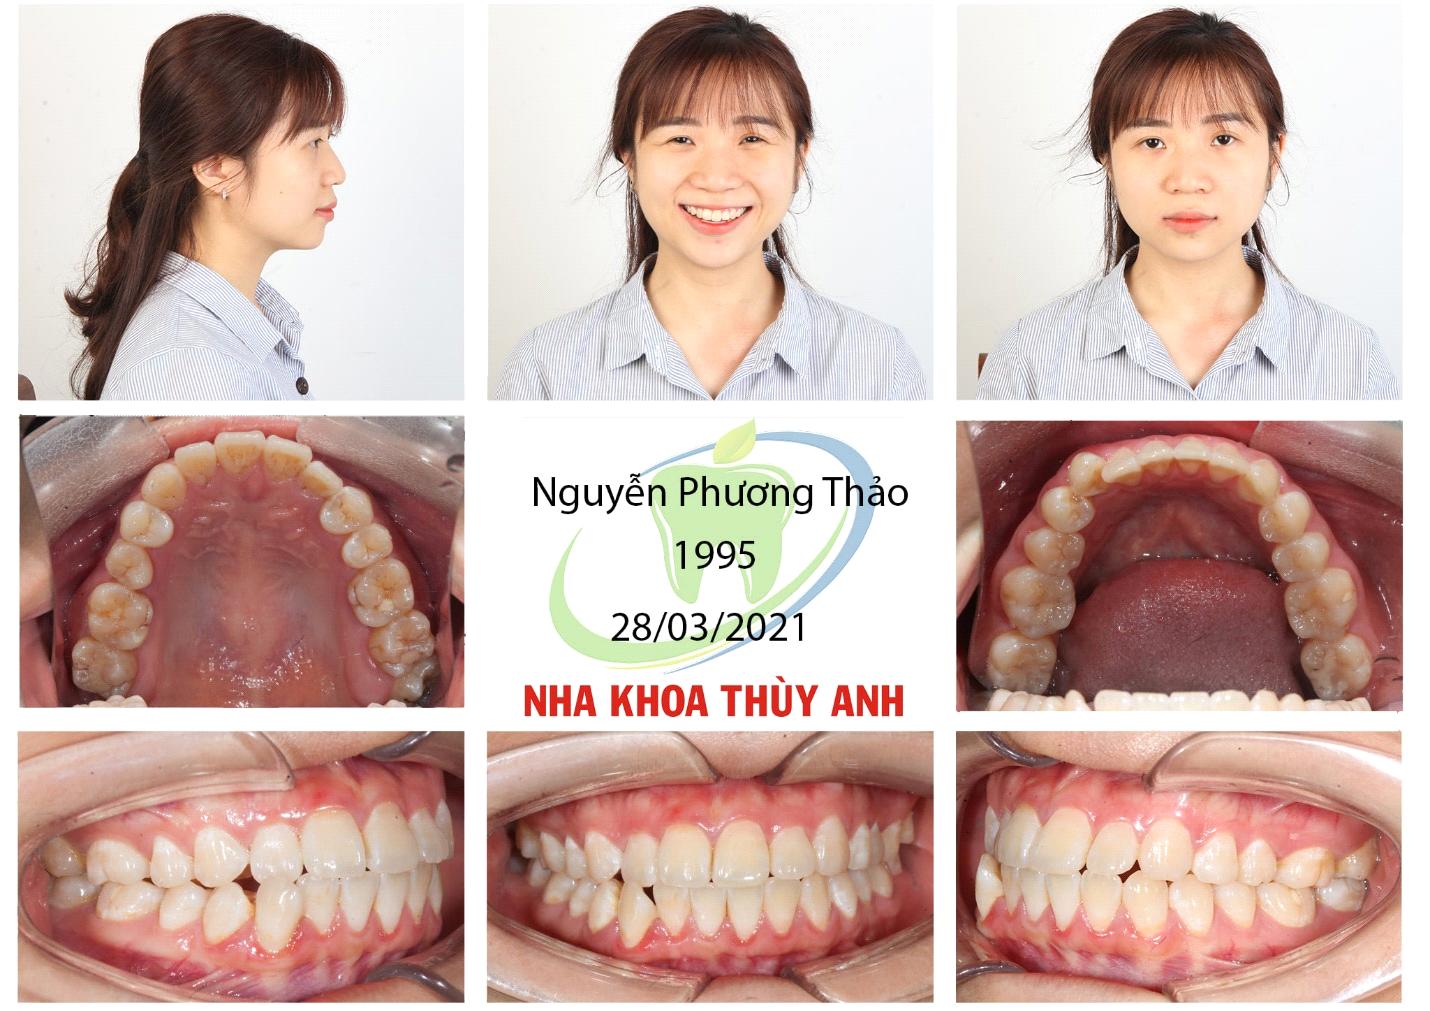 Các giai đoạn niềng răng: Bạn đang ở giai đoạn nào? Nha khoa Thùy Anh